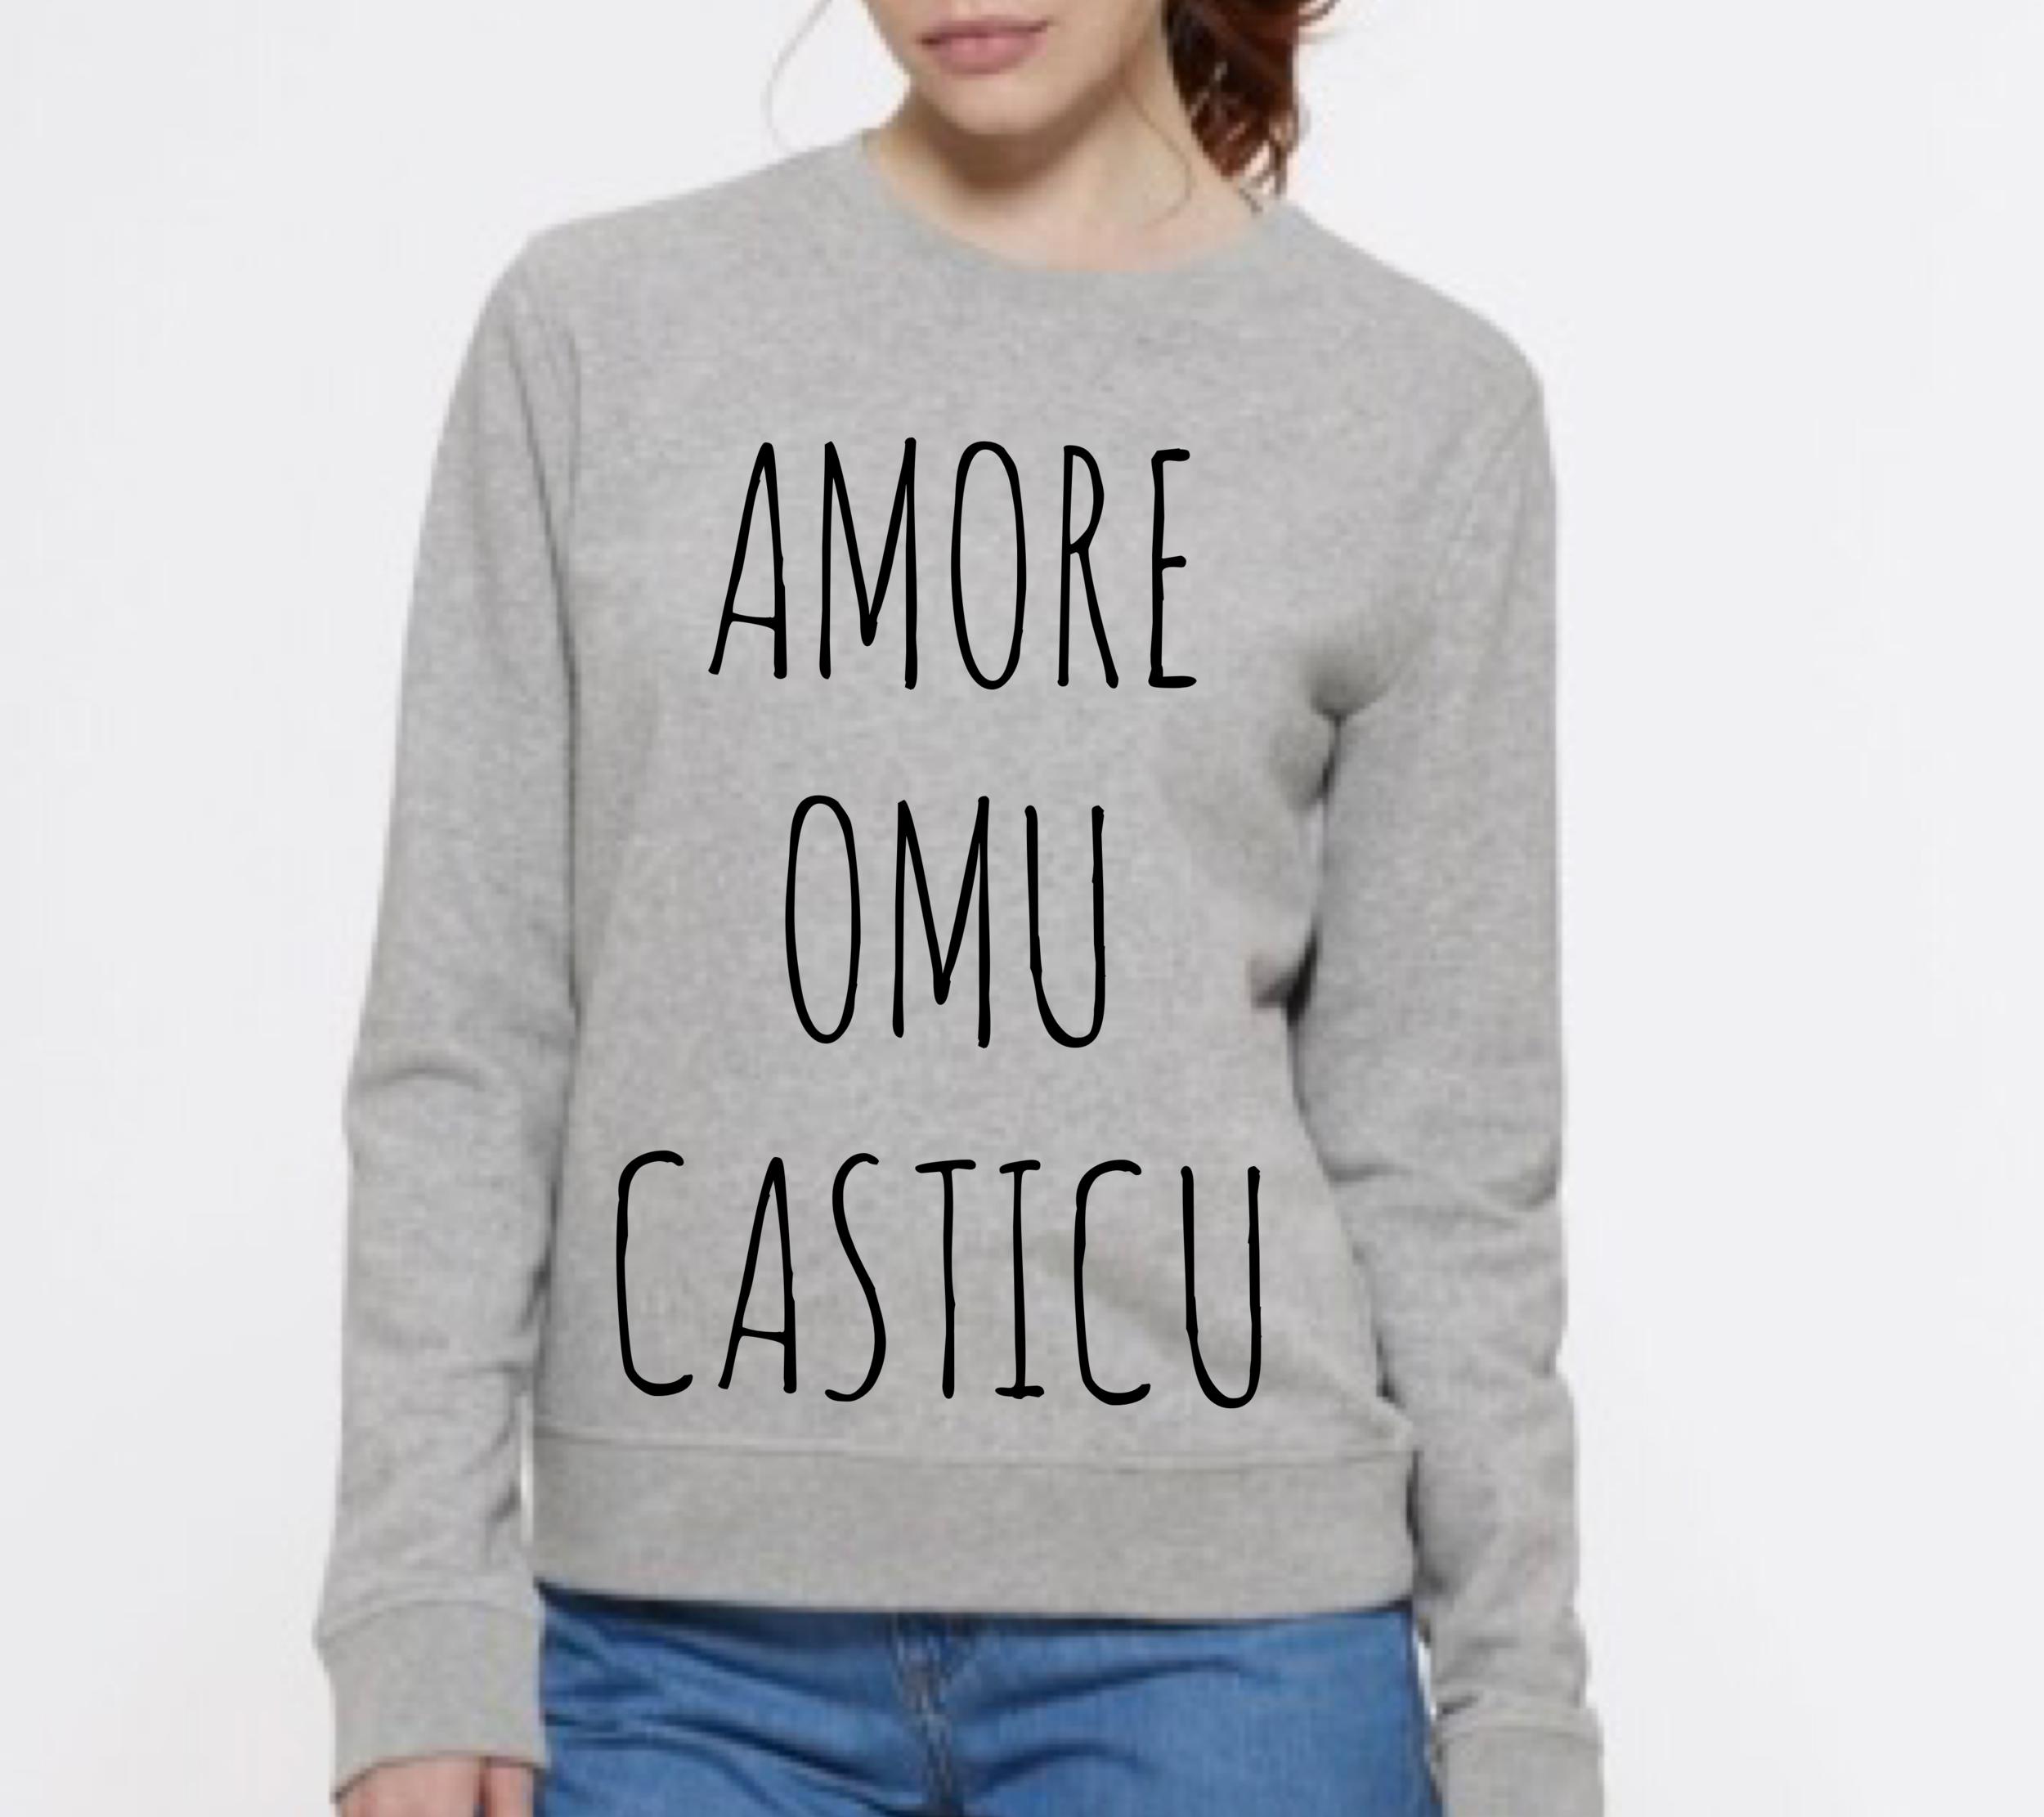 CASTICU